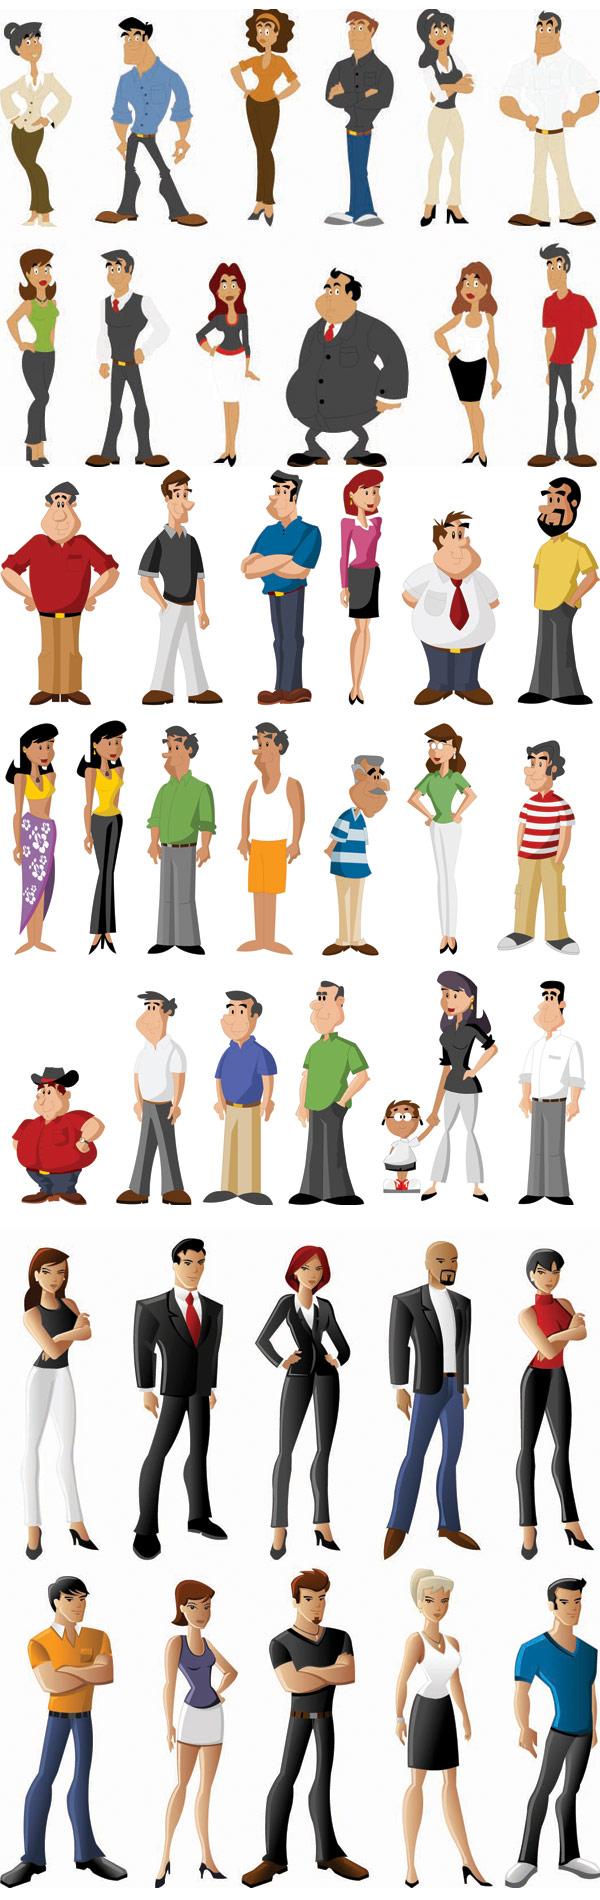 Schlüsselwörter Cartoon Charakter Fett White-Collar Männer ganzes Comicfiguren Frauen